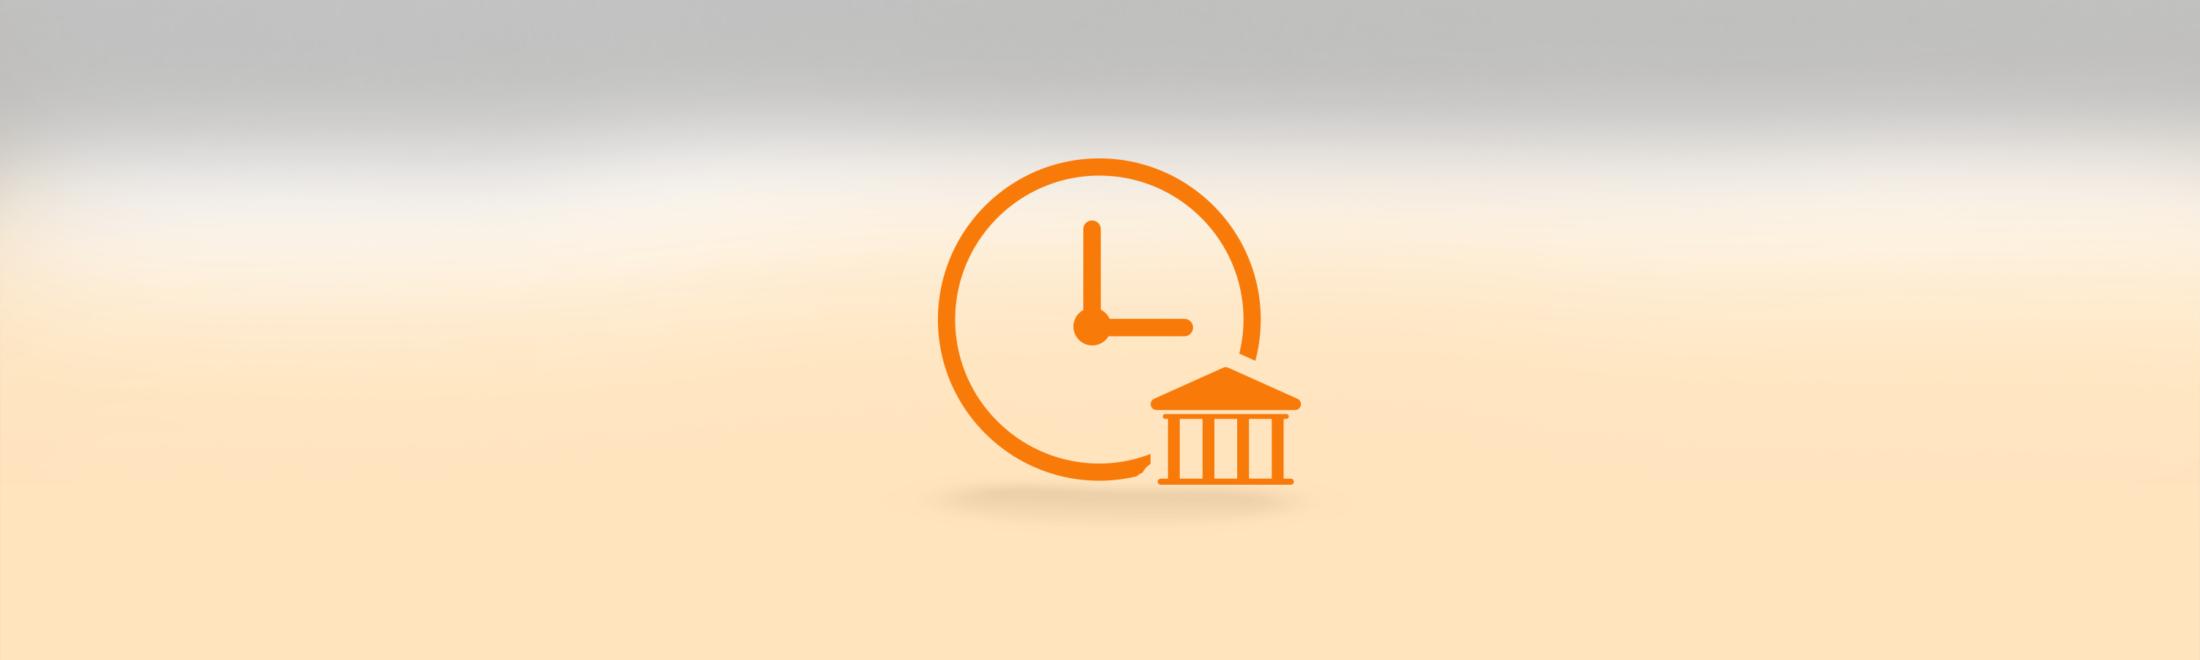 Obavijest o izmjeni radnog vremena tokom vjerskog praznika – Kurban Bajrama – 29/07/2020